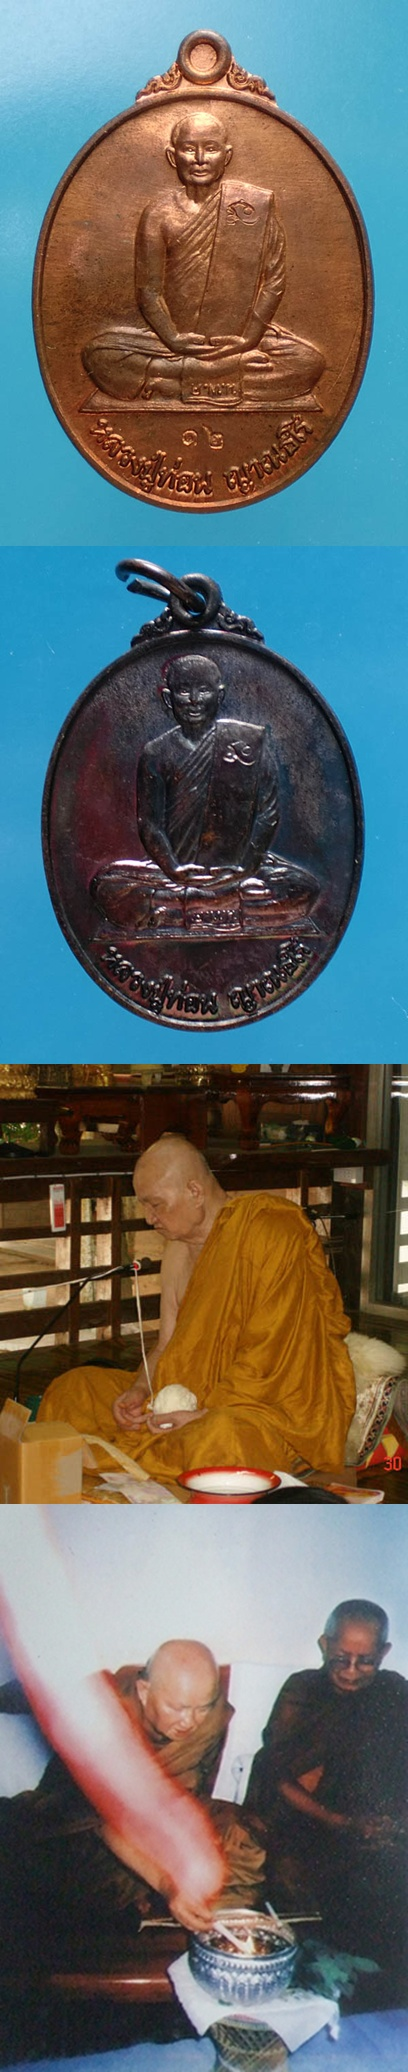 พระเครื่อง        เหรียญหลวงปู่ท่อน ญาณธโร เนื้อเงิน นวะและทองแดง รุ่นเมตตาธรรม ค้ำจุนโลก วัดศรีอภัยวัน จ.เลย